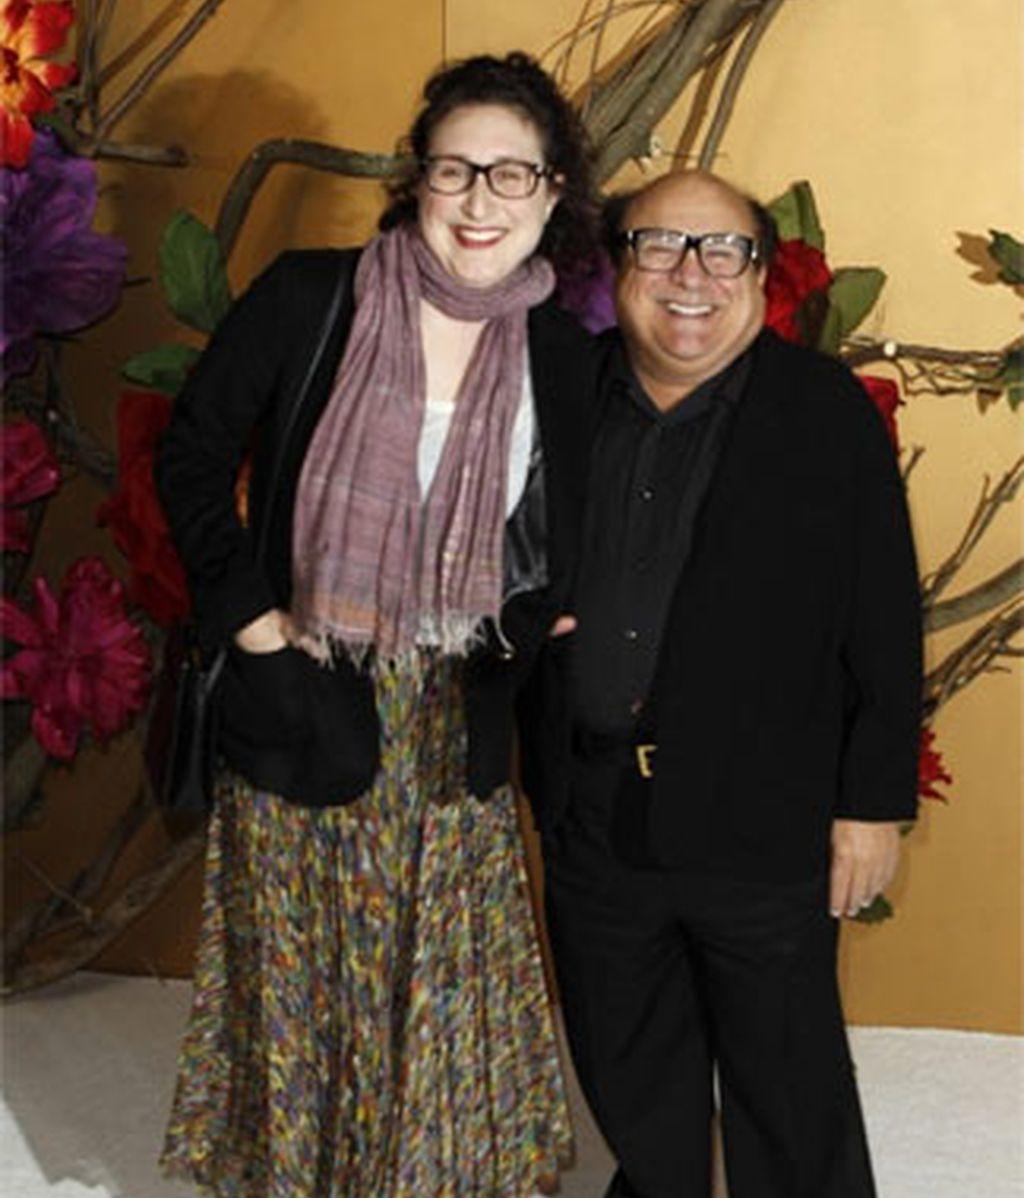 Danny DeVito con su hija, Gracie DeVito